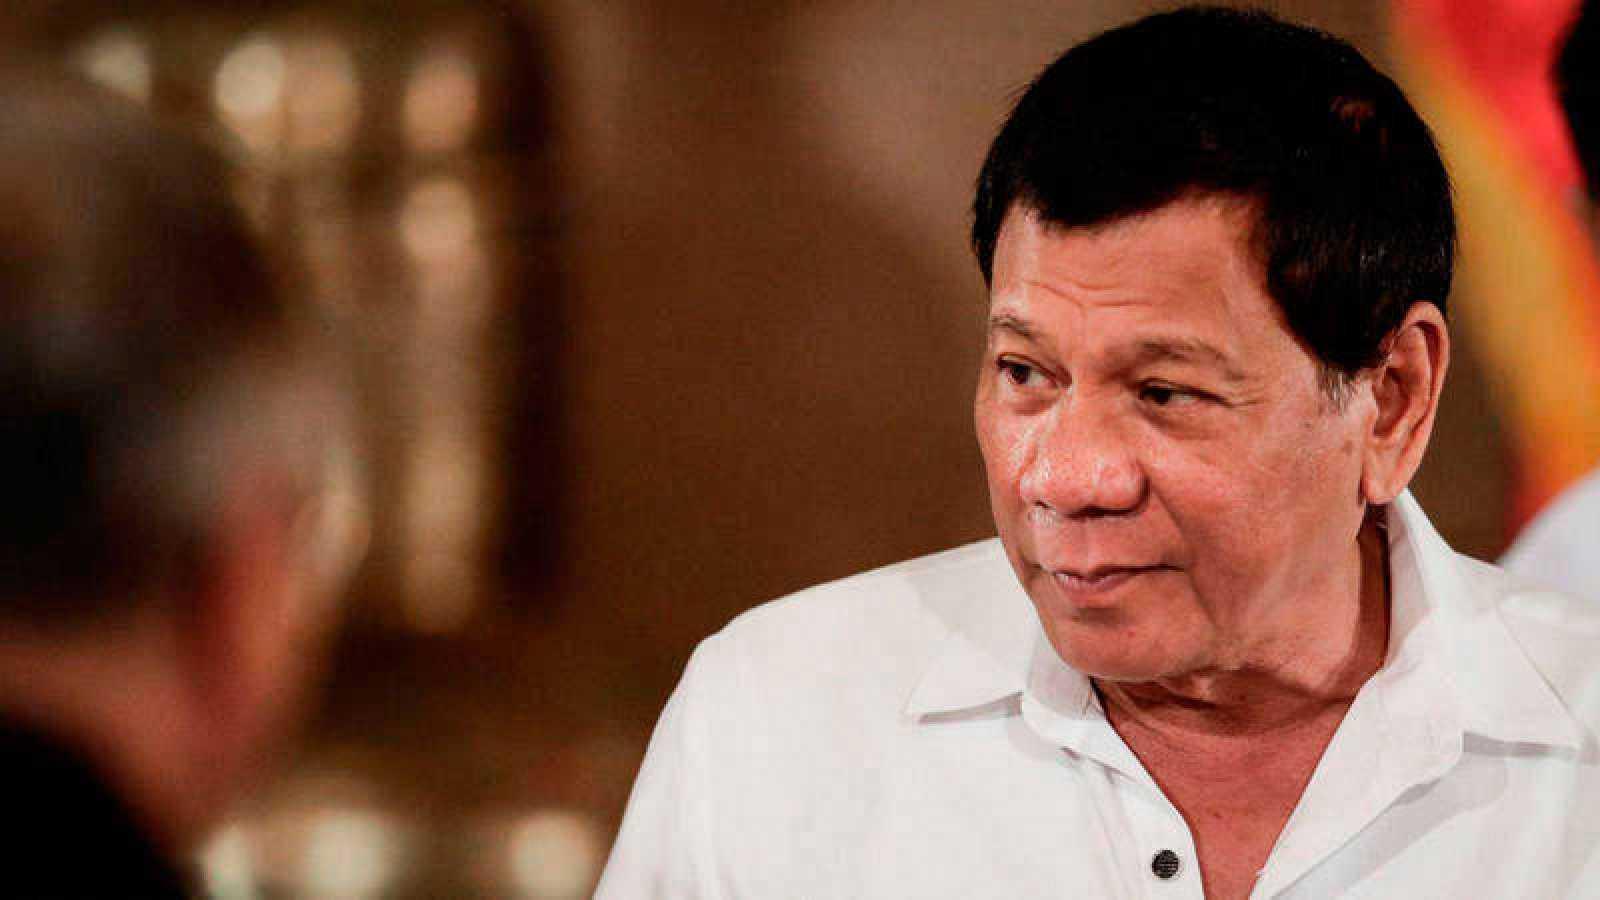 El presidente de Filipinas, Rodrigo Duterte, a su llegada al palacio de Malacanang en Manila el pasado 27 de junio de 2017